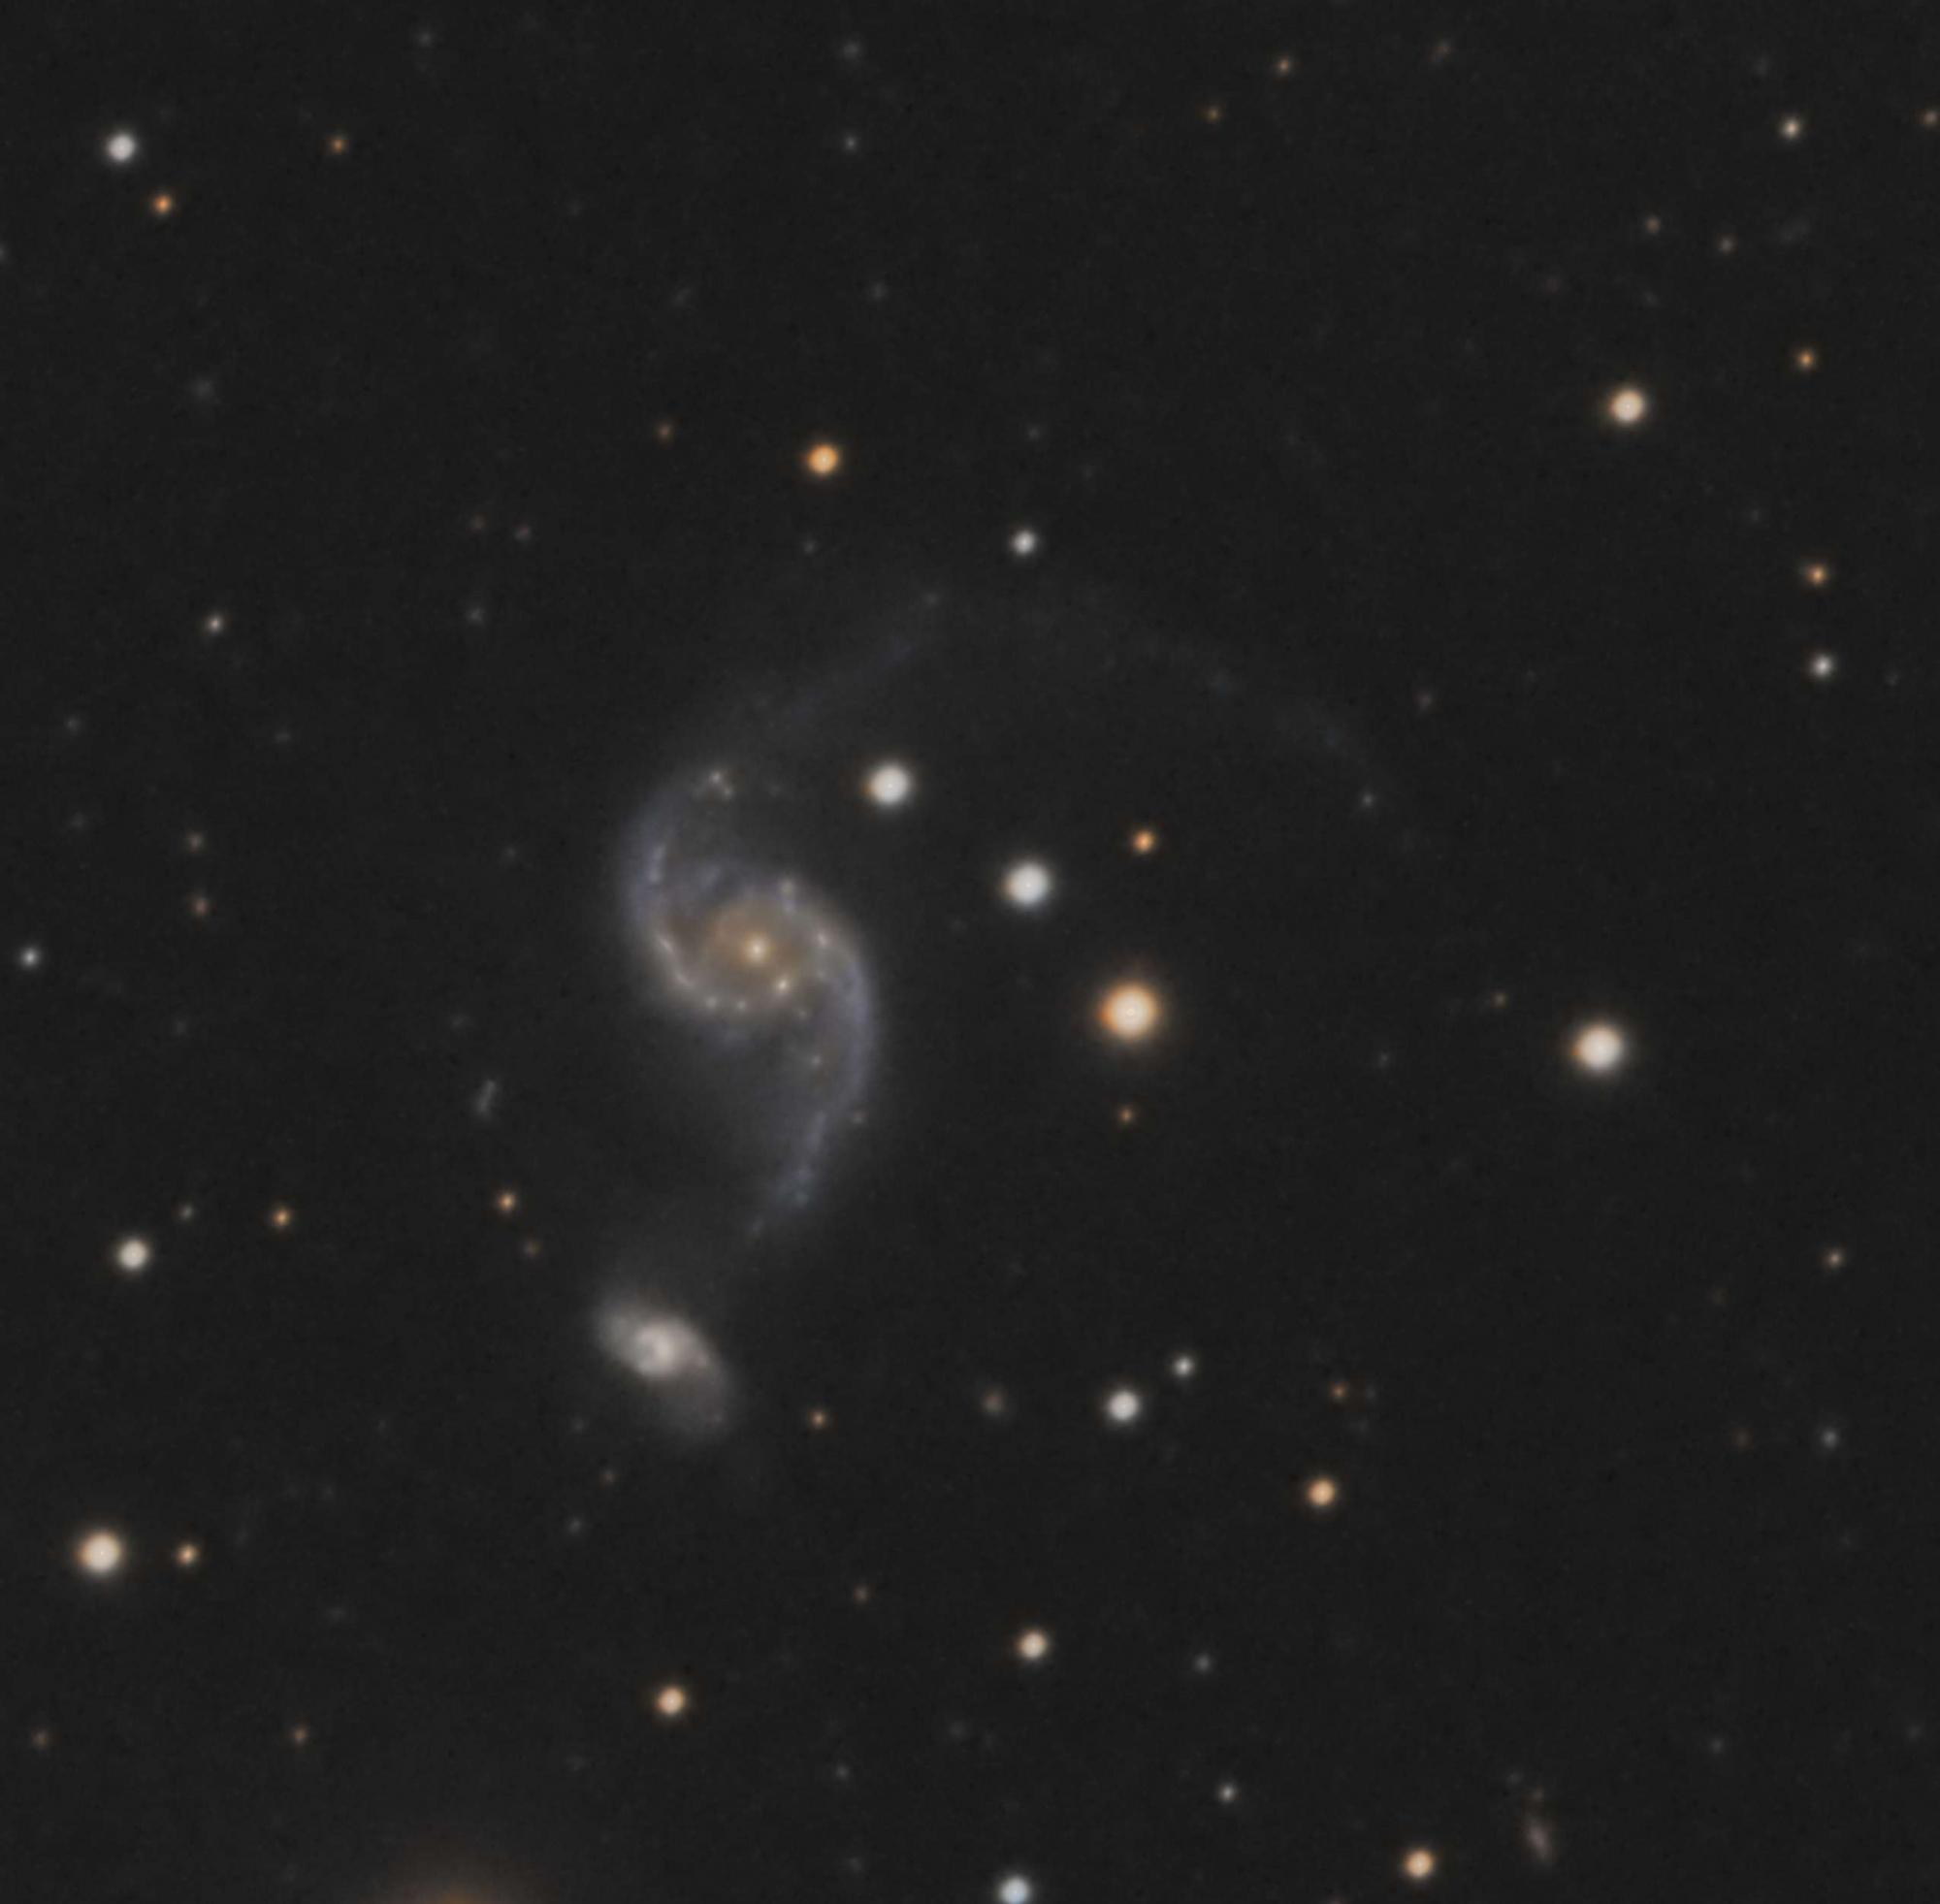 5c178f8828fce_NGC2535crope.thumb.jpg.86192818cf10da13f7e24438092bf269.jpg